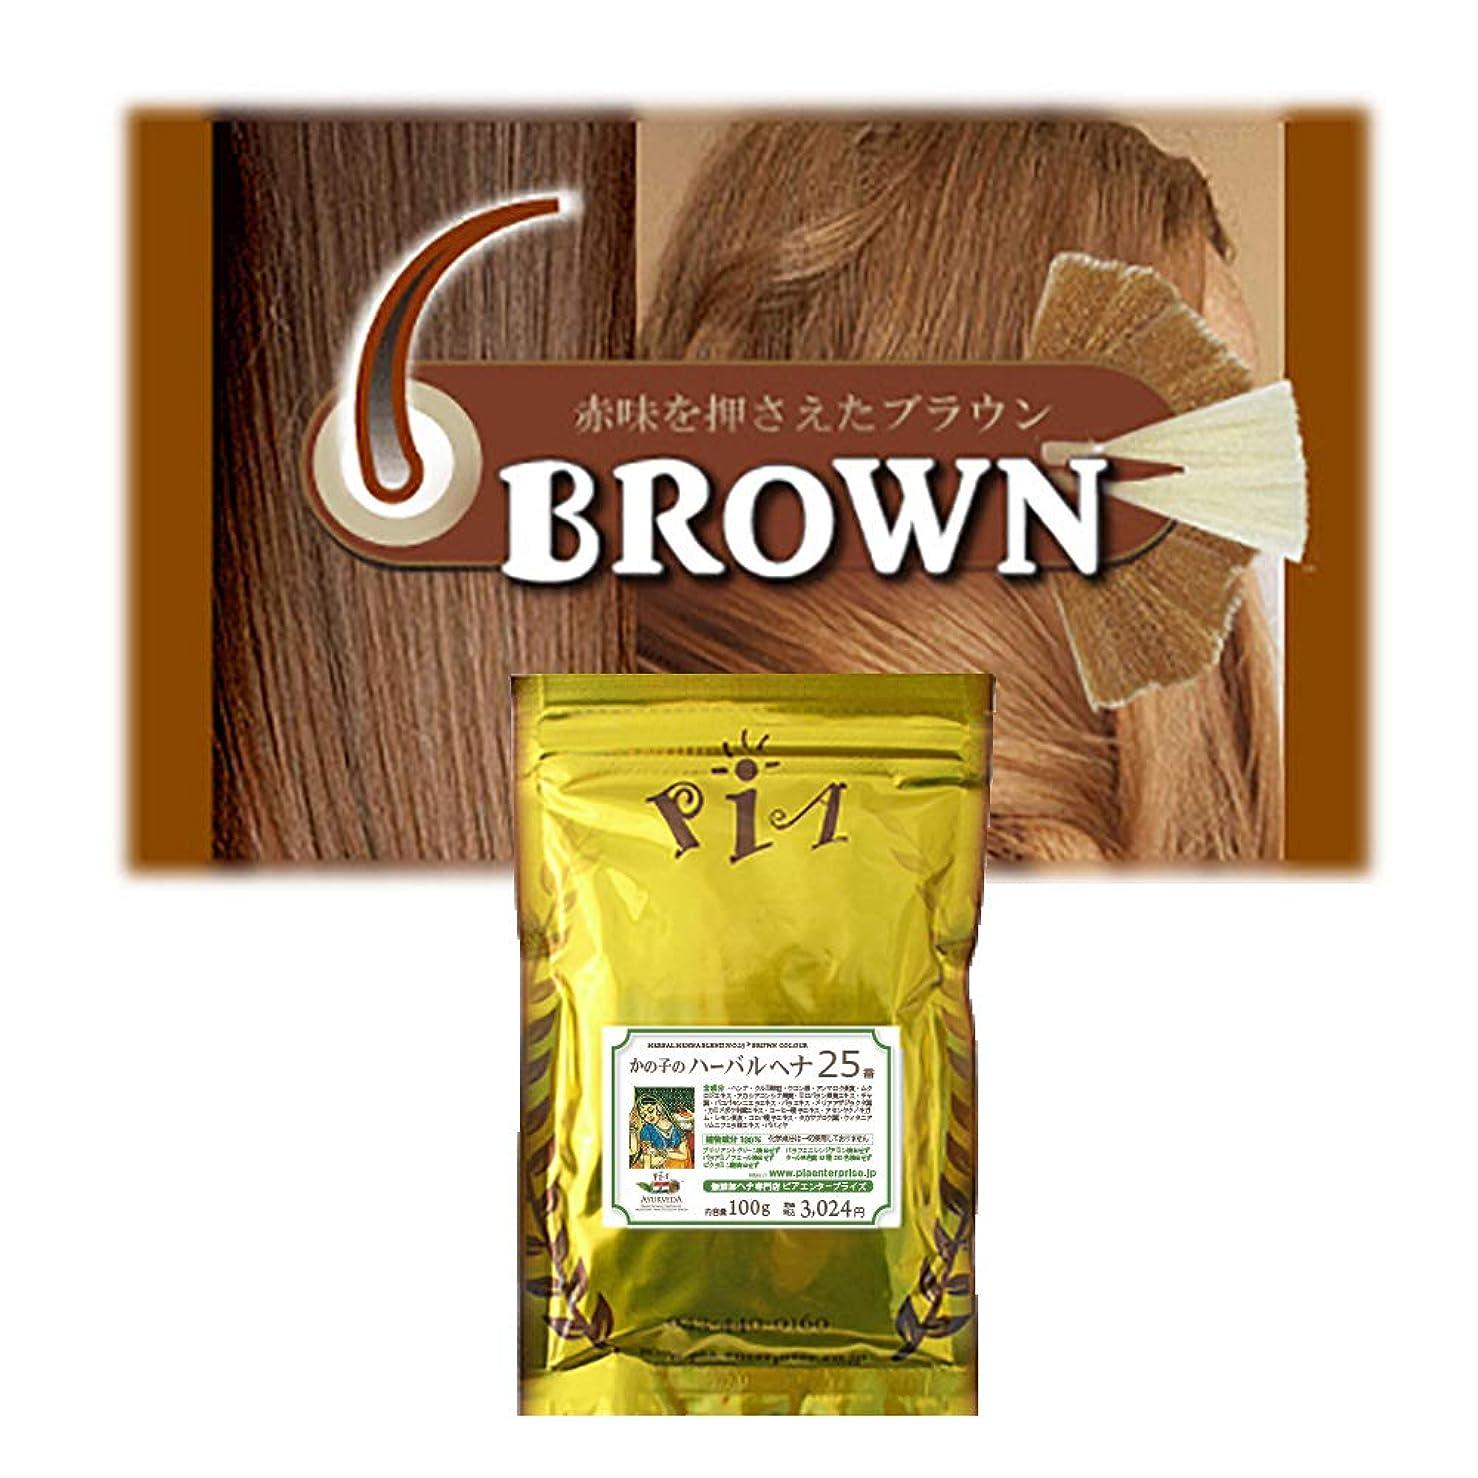 プレゼンター感覚比類のない【ヘナ】 かの子のハーバルヘナ25番 (色:ブラウン|Brown )単品|ハケブラシはついておりません。